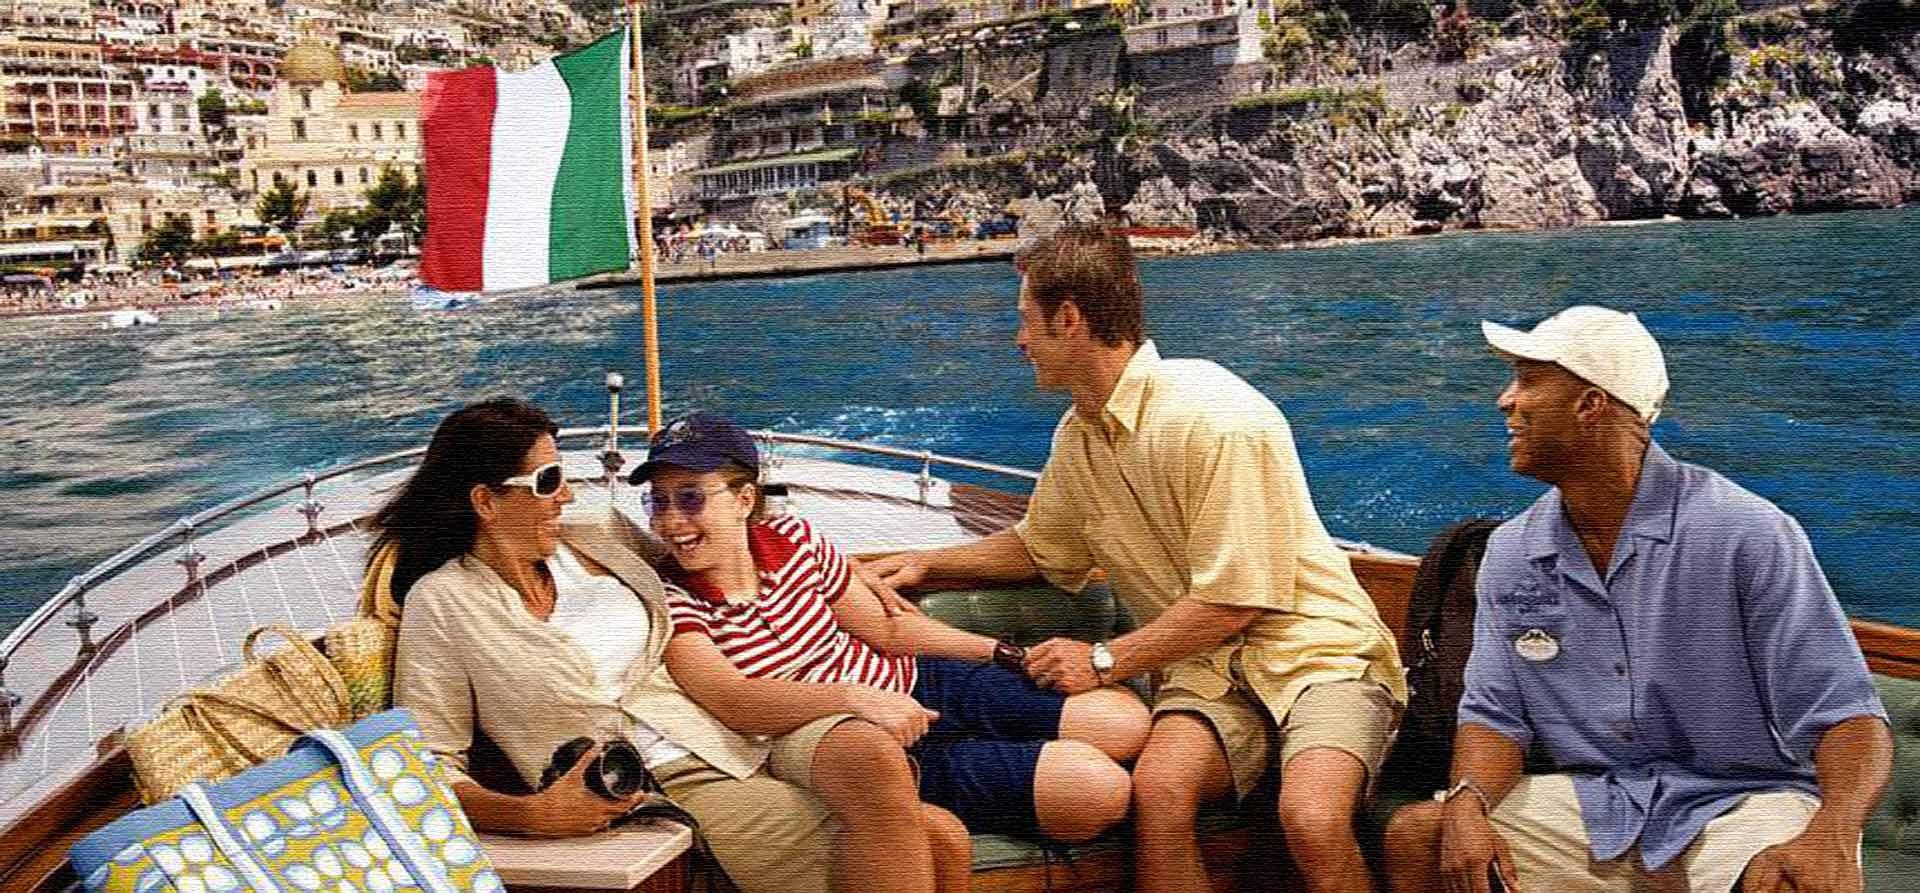 Отдых в Италии с детьми на море: куда поехать и как лучше организовать